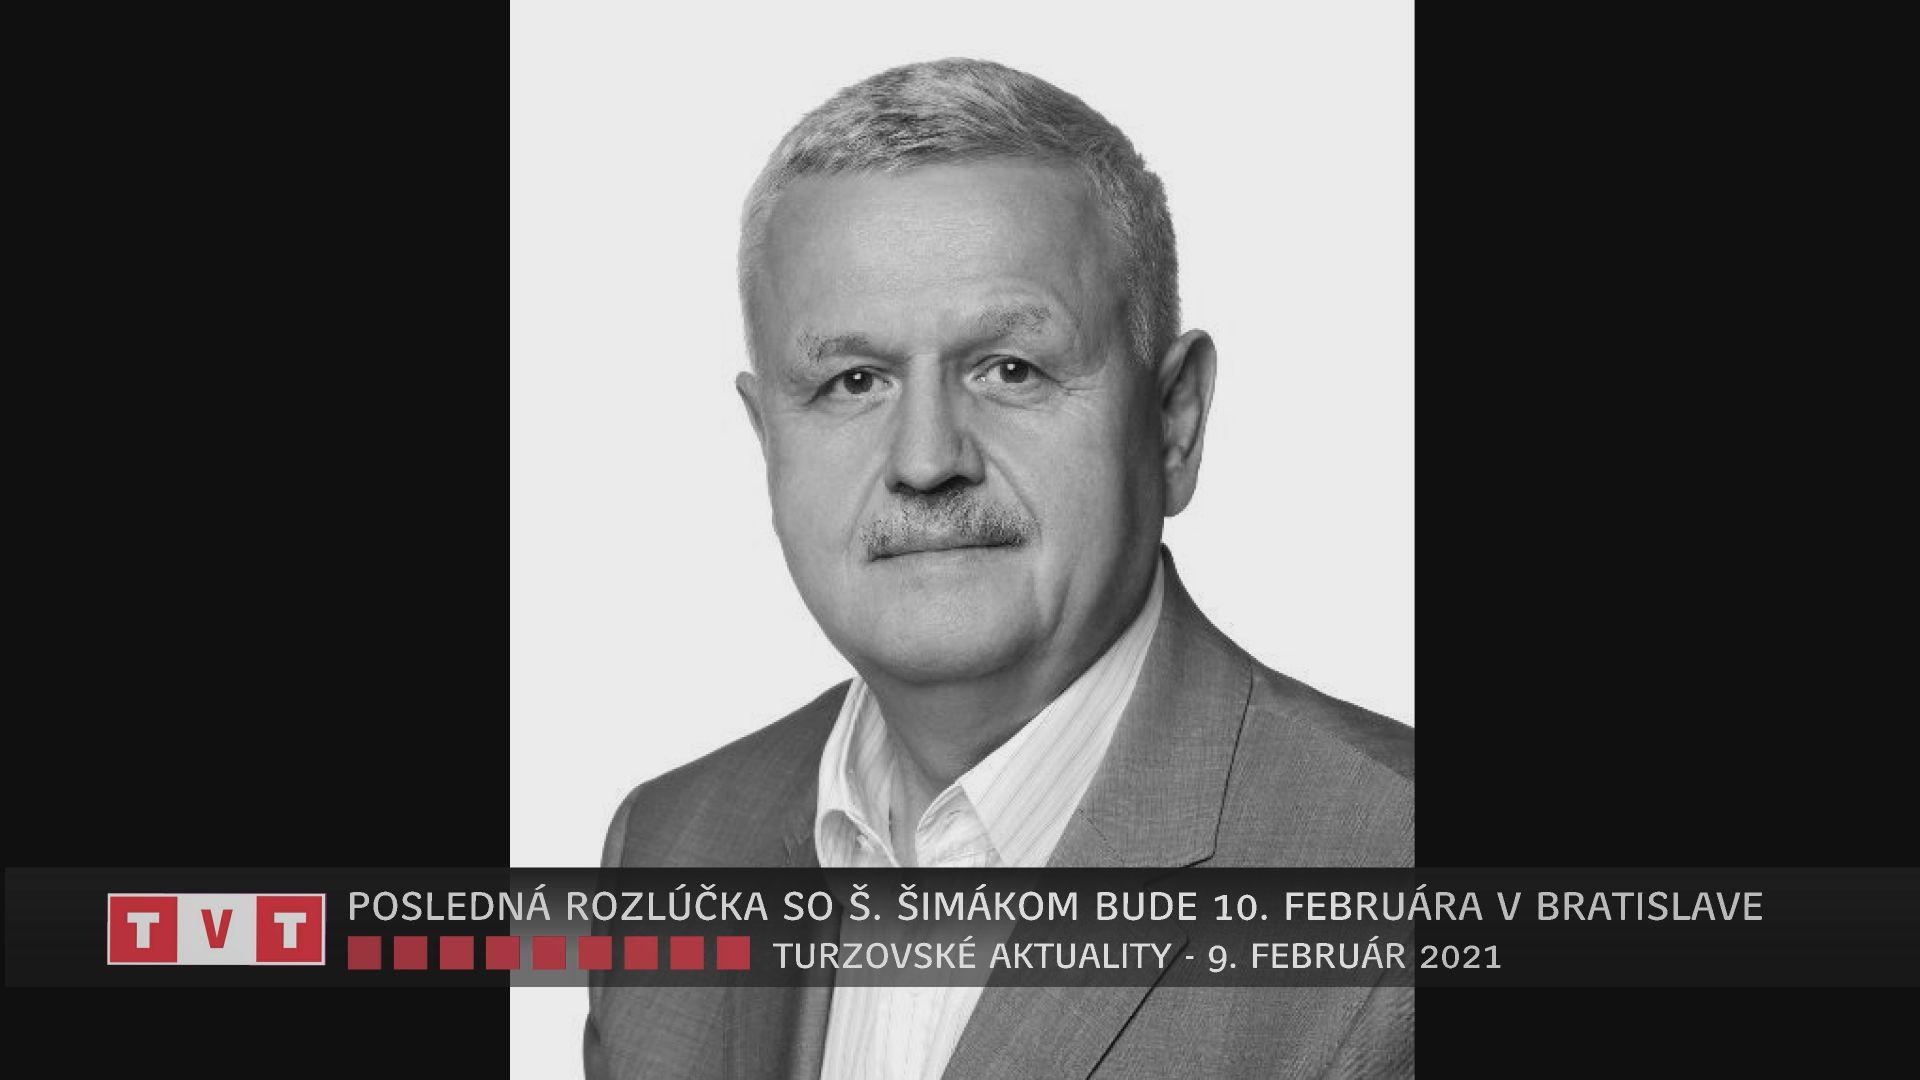 POSLEDNÁ ROZLÚČKA SO Š. ŠIMÁKOM BUDE 10. FEBRUÁRA V BRATISLAVE